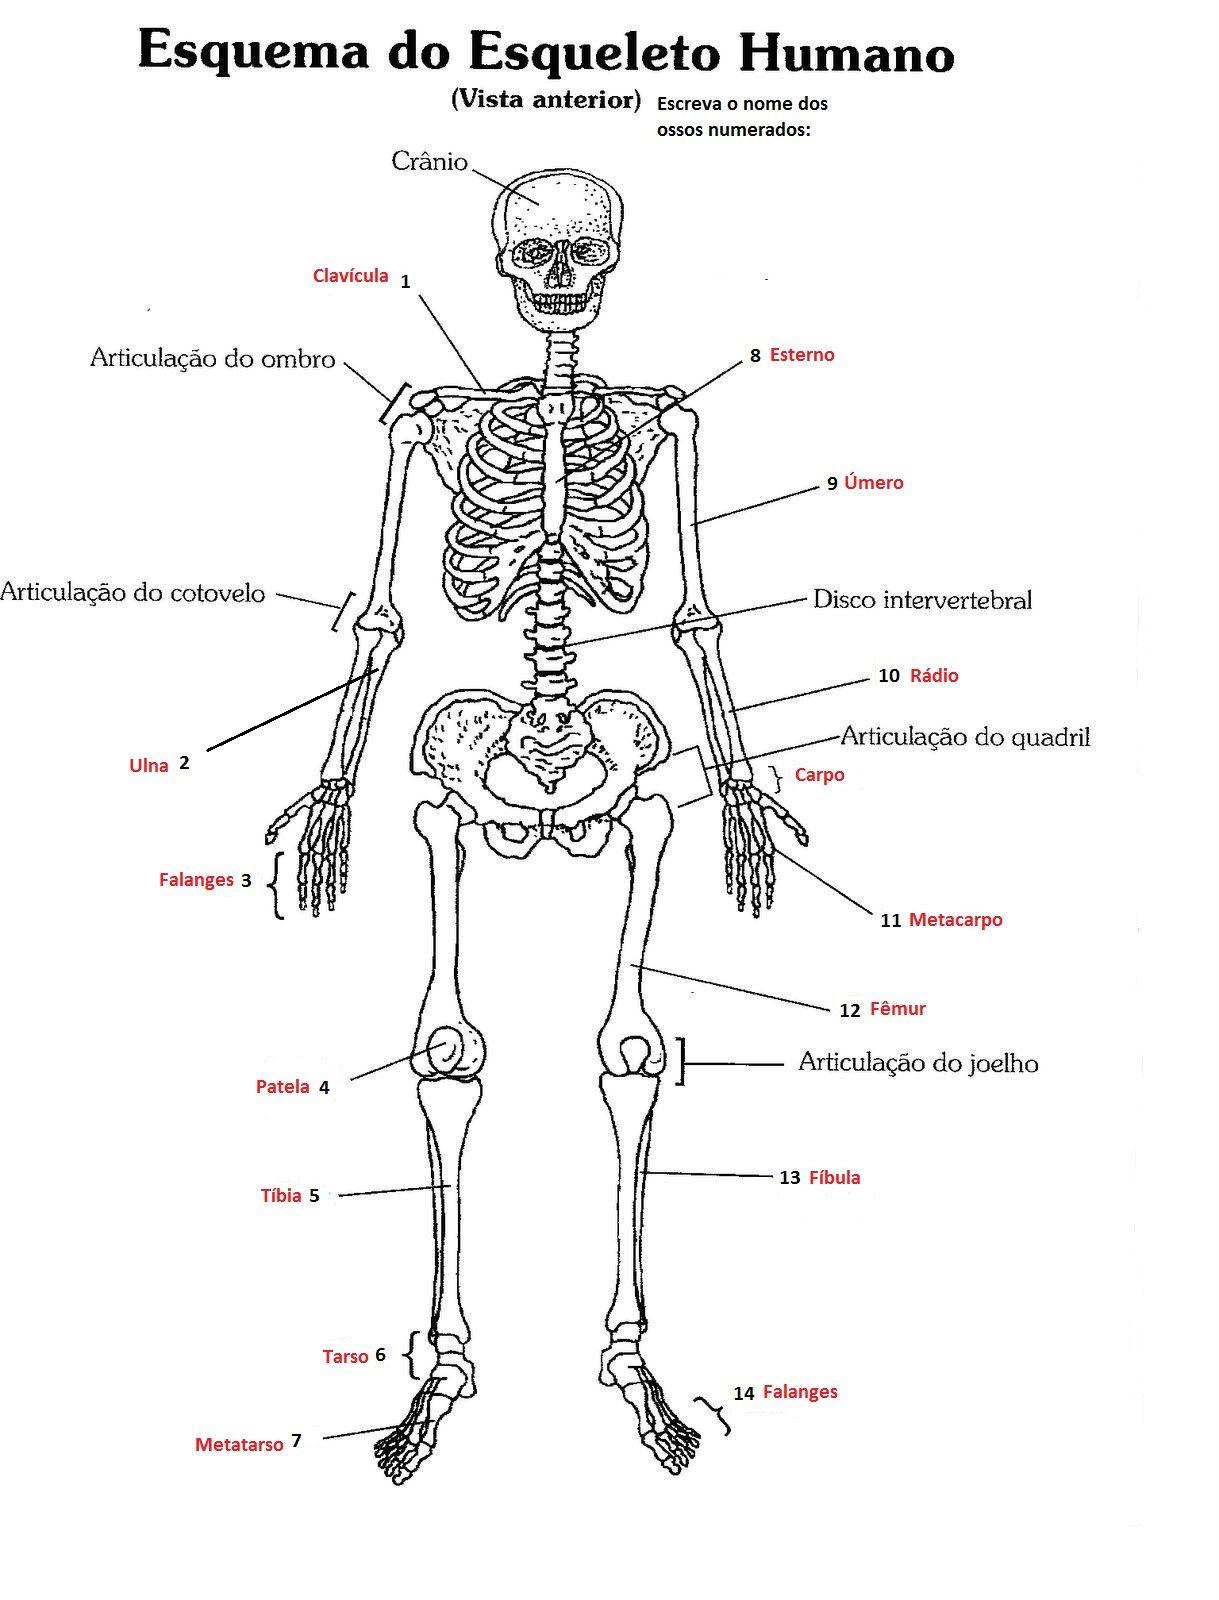 Asombroso La Vista Anterior Esqueleto Humano Galería - Imágenes de ...